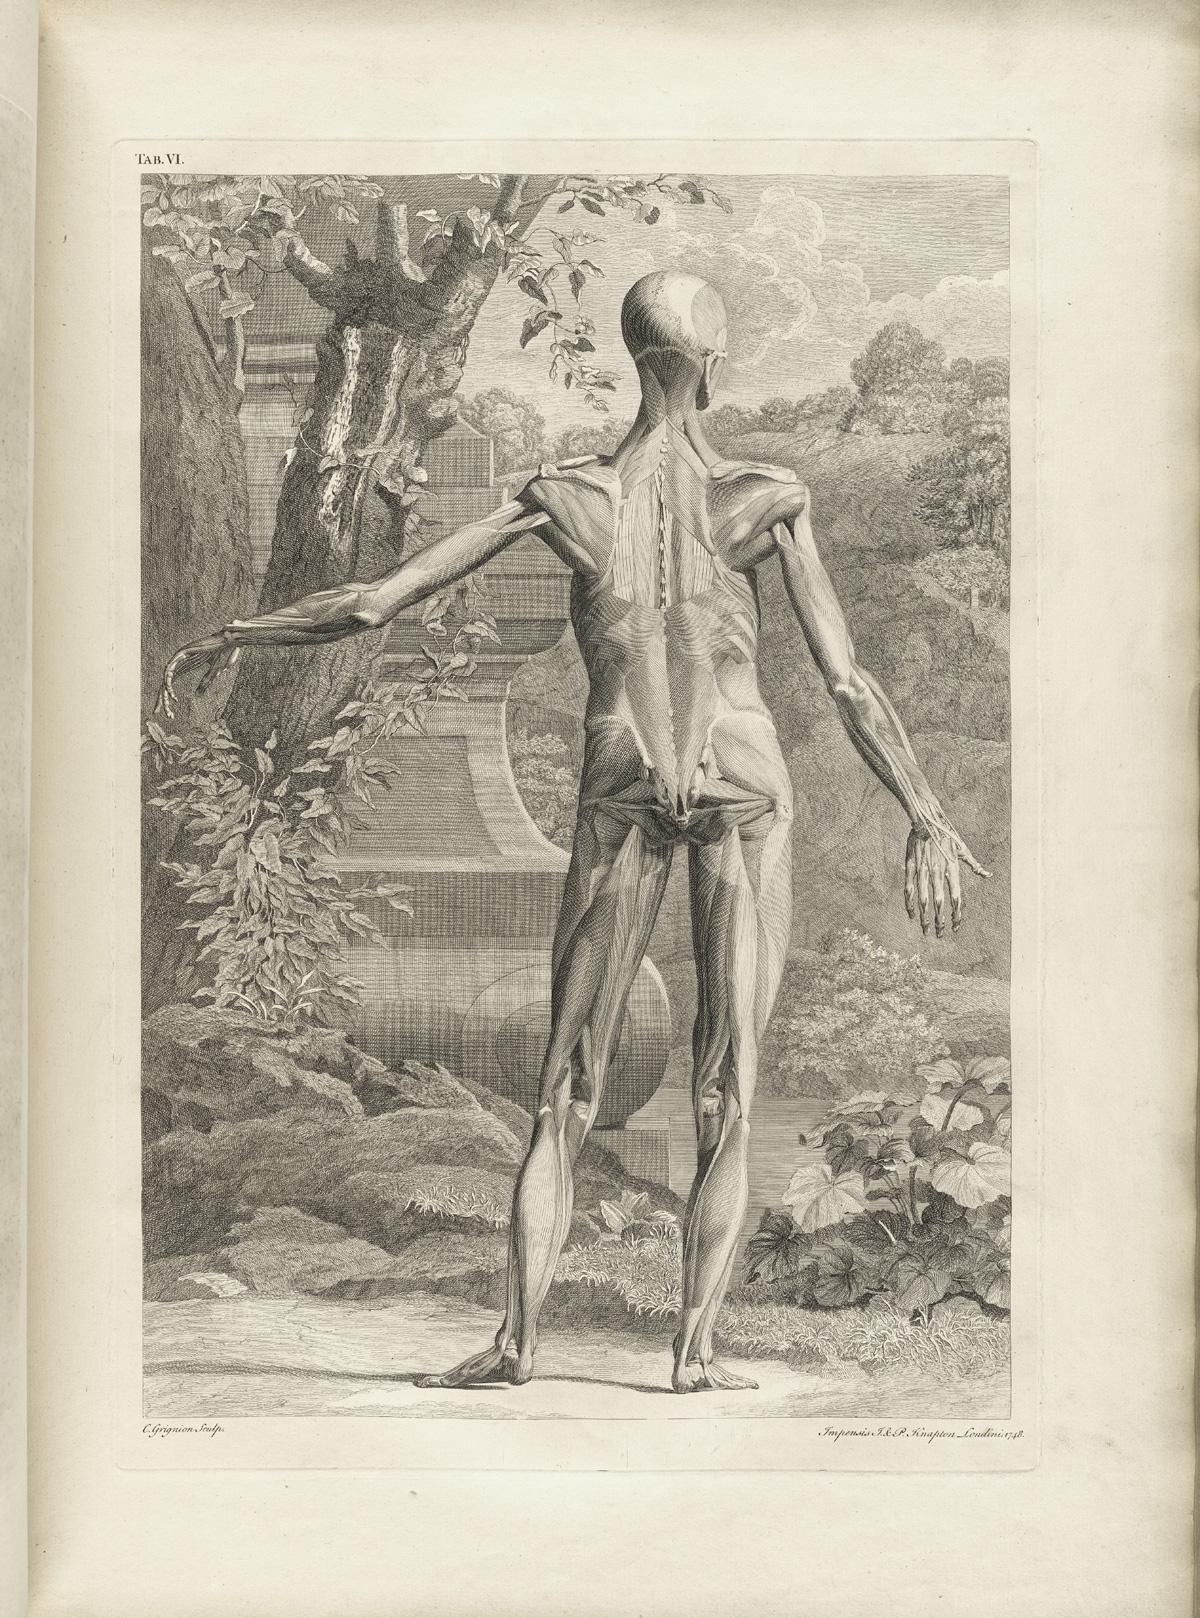 Ilustraciones antiguas de anatomía humana - Imágenes - Taringa!